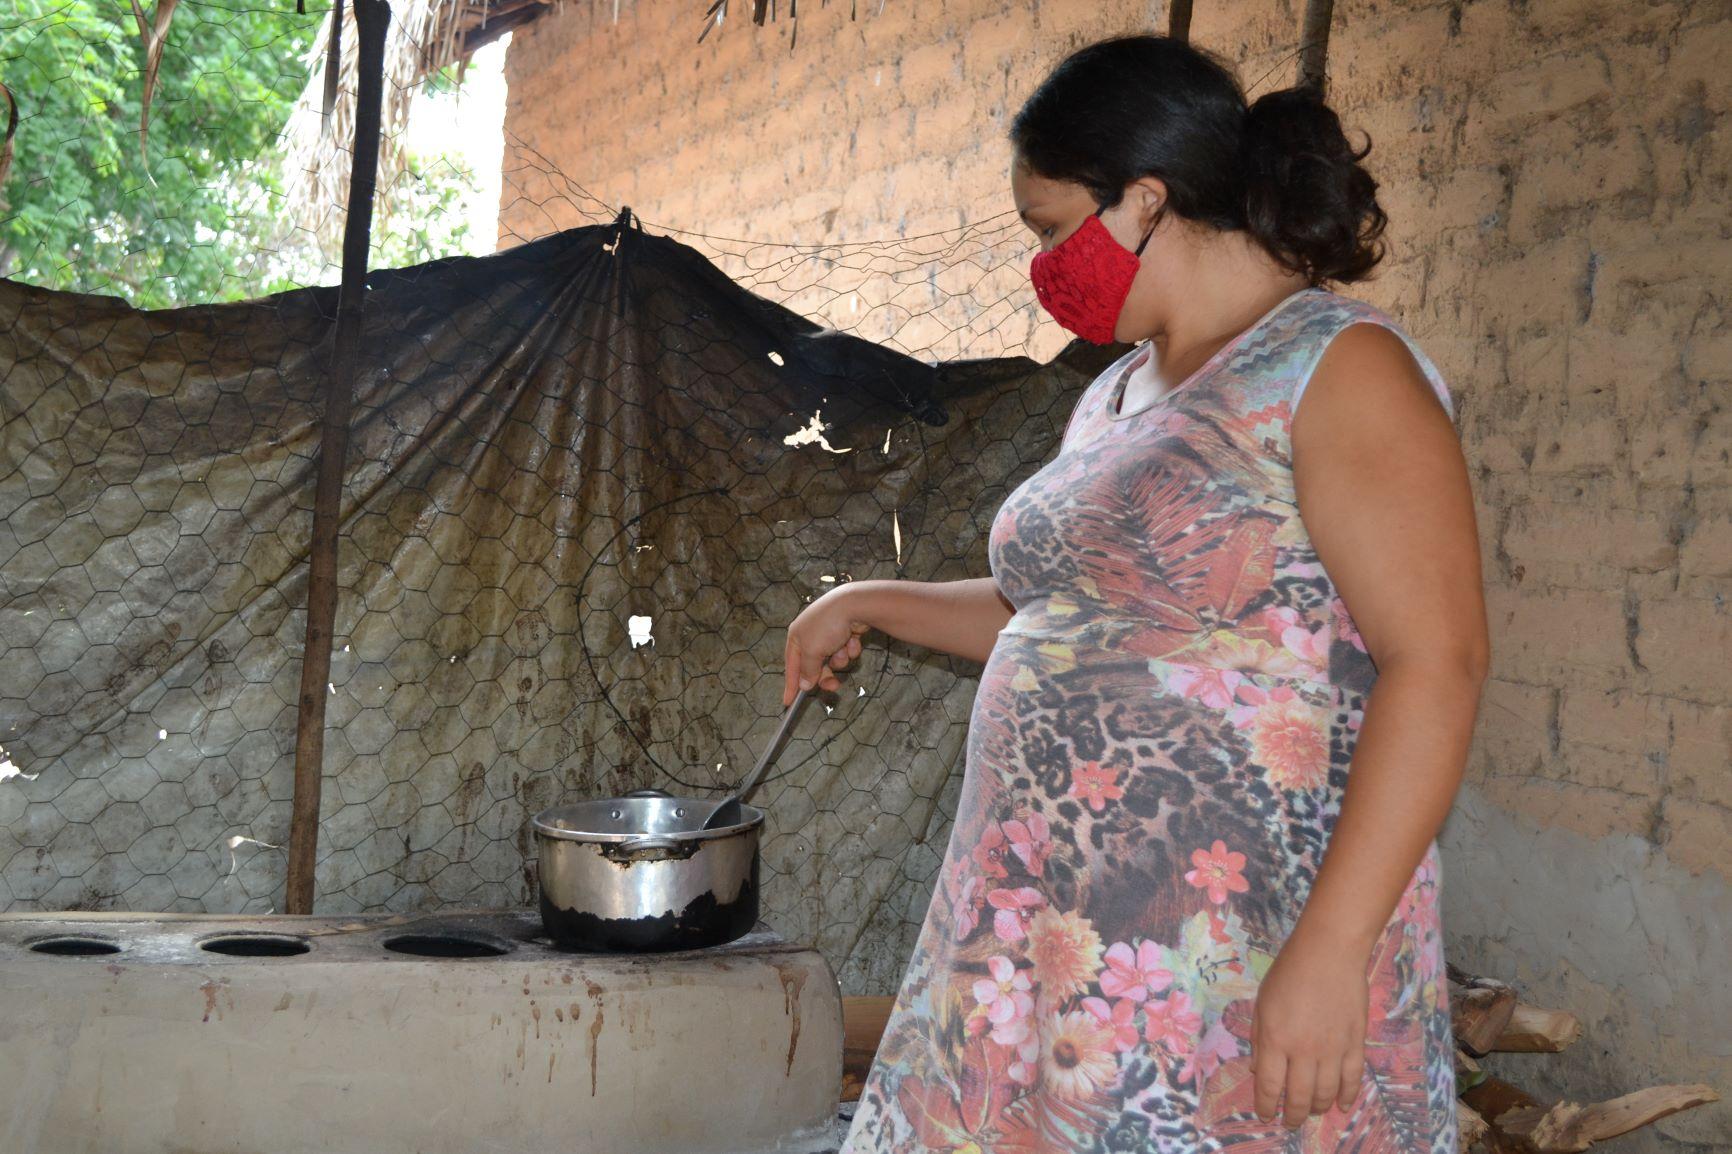 No Maranhã, mulher cozinha alimentos recebidos por doação: pobreza extrema, desemprego e comida mais cara contribuem para volta do Brasil ao Mapa da Fome (Foto: Eanes Silva / Divultação / ActionAid)